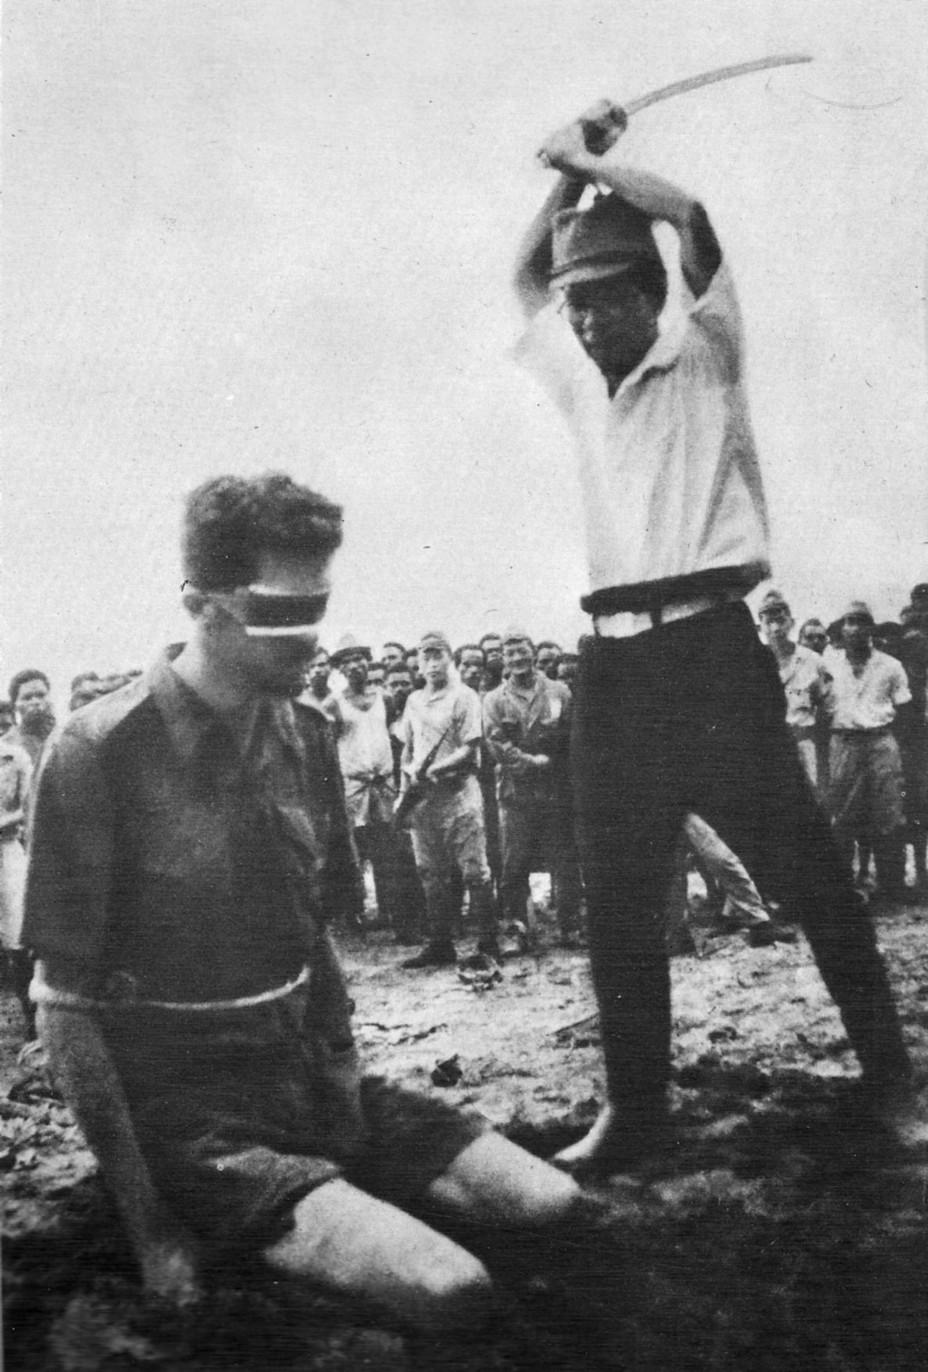 Эта шокирующая фотография, сделанная по просьбе палача, считается единственным достоверным снимком, запечатлевшим убийство пленных бойцов союзных войск Источник: awm.gov.au - «Безрассудный» десант Макартура | Военно-исторический портал Warspot.ru